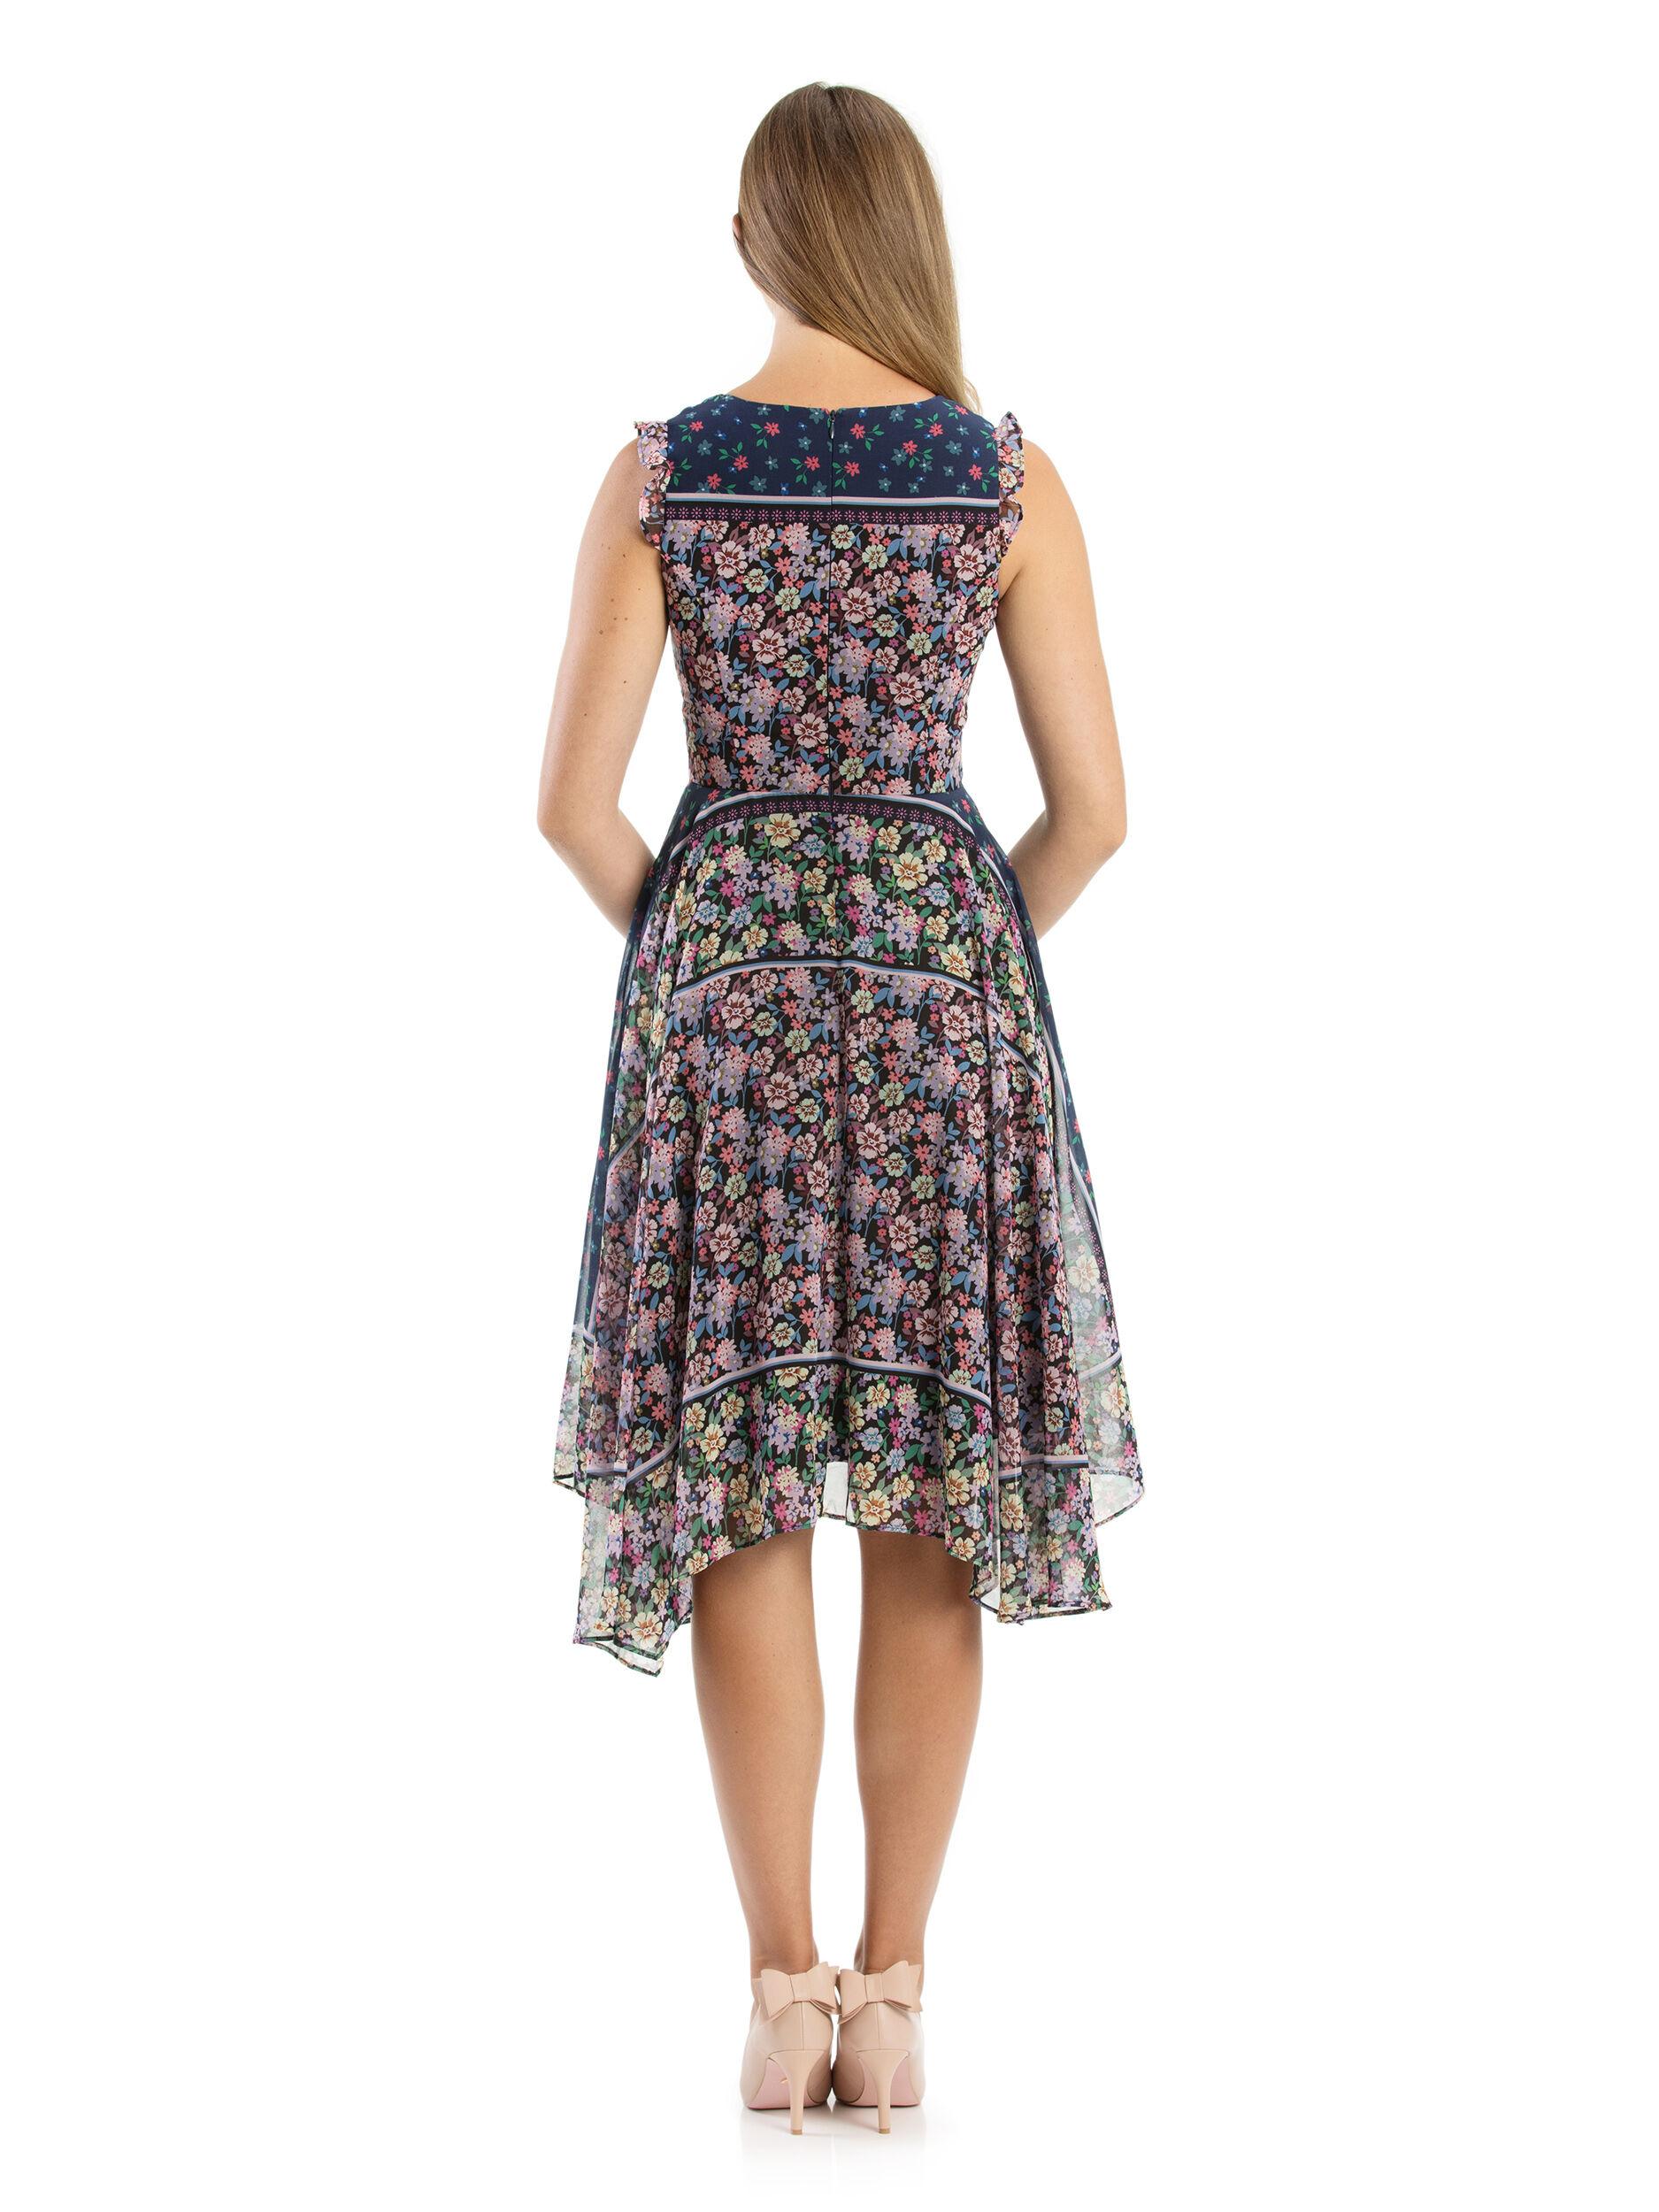 Vionnet Floral Dress